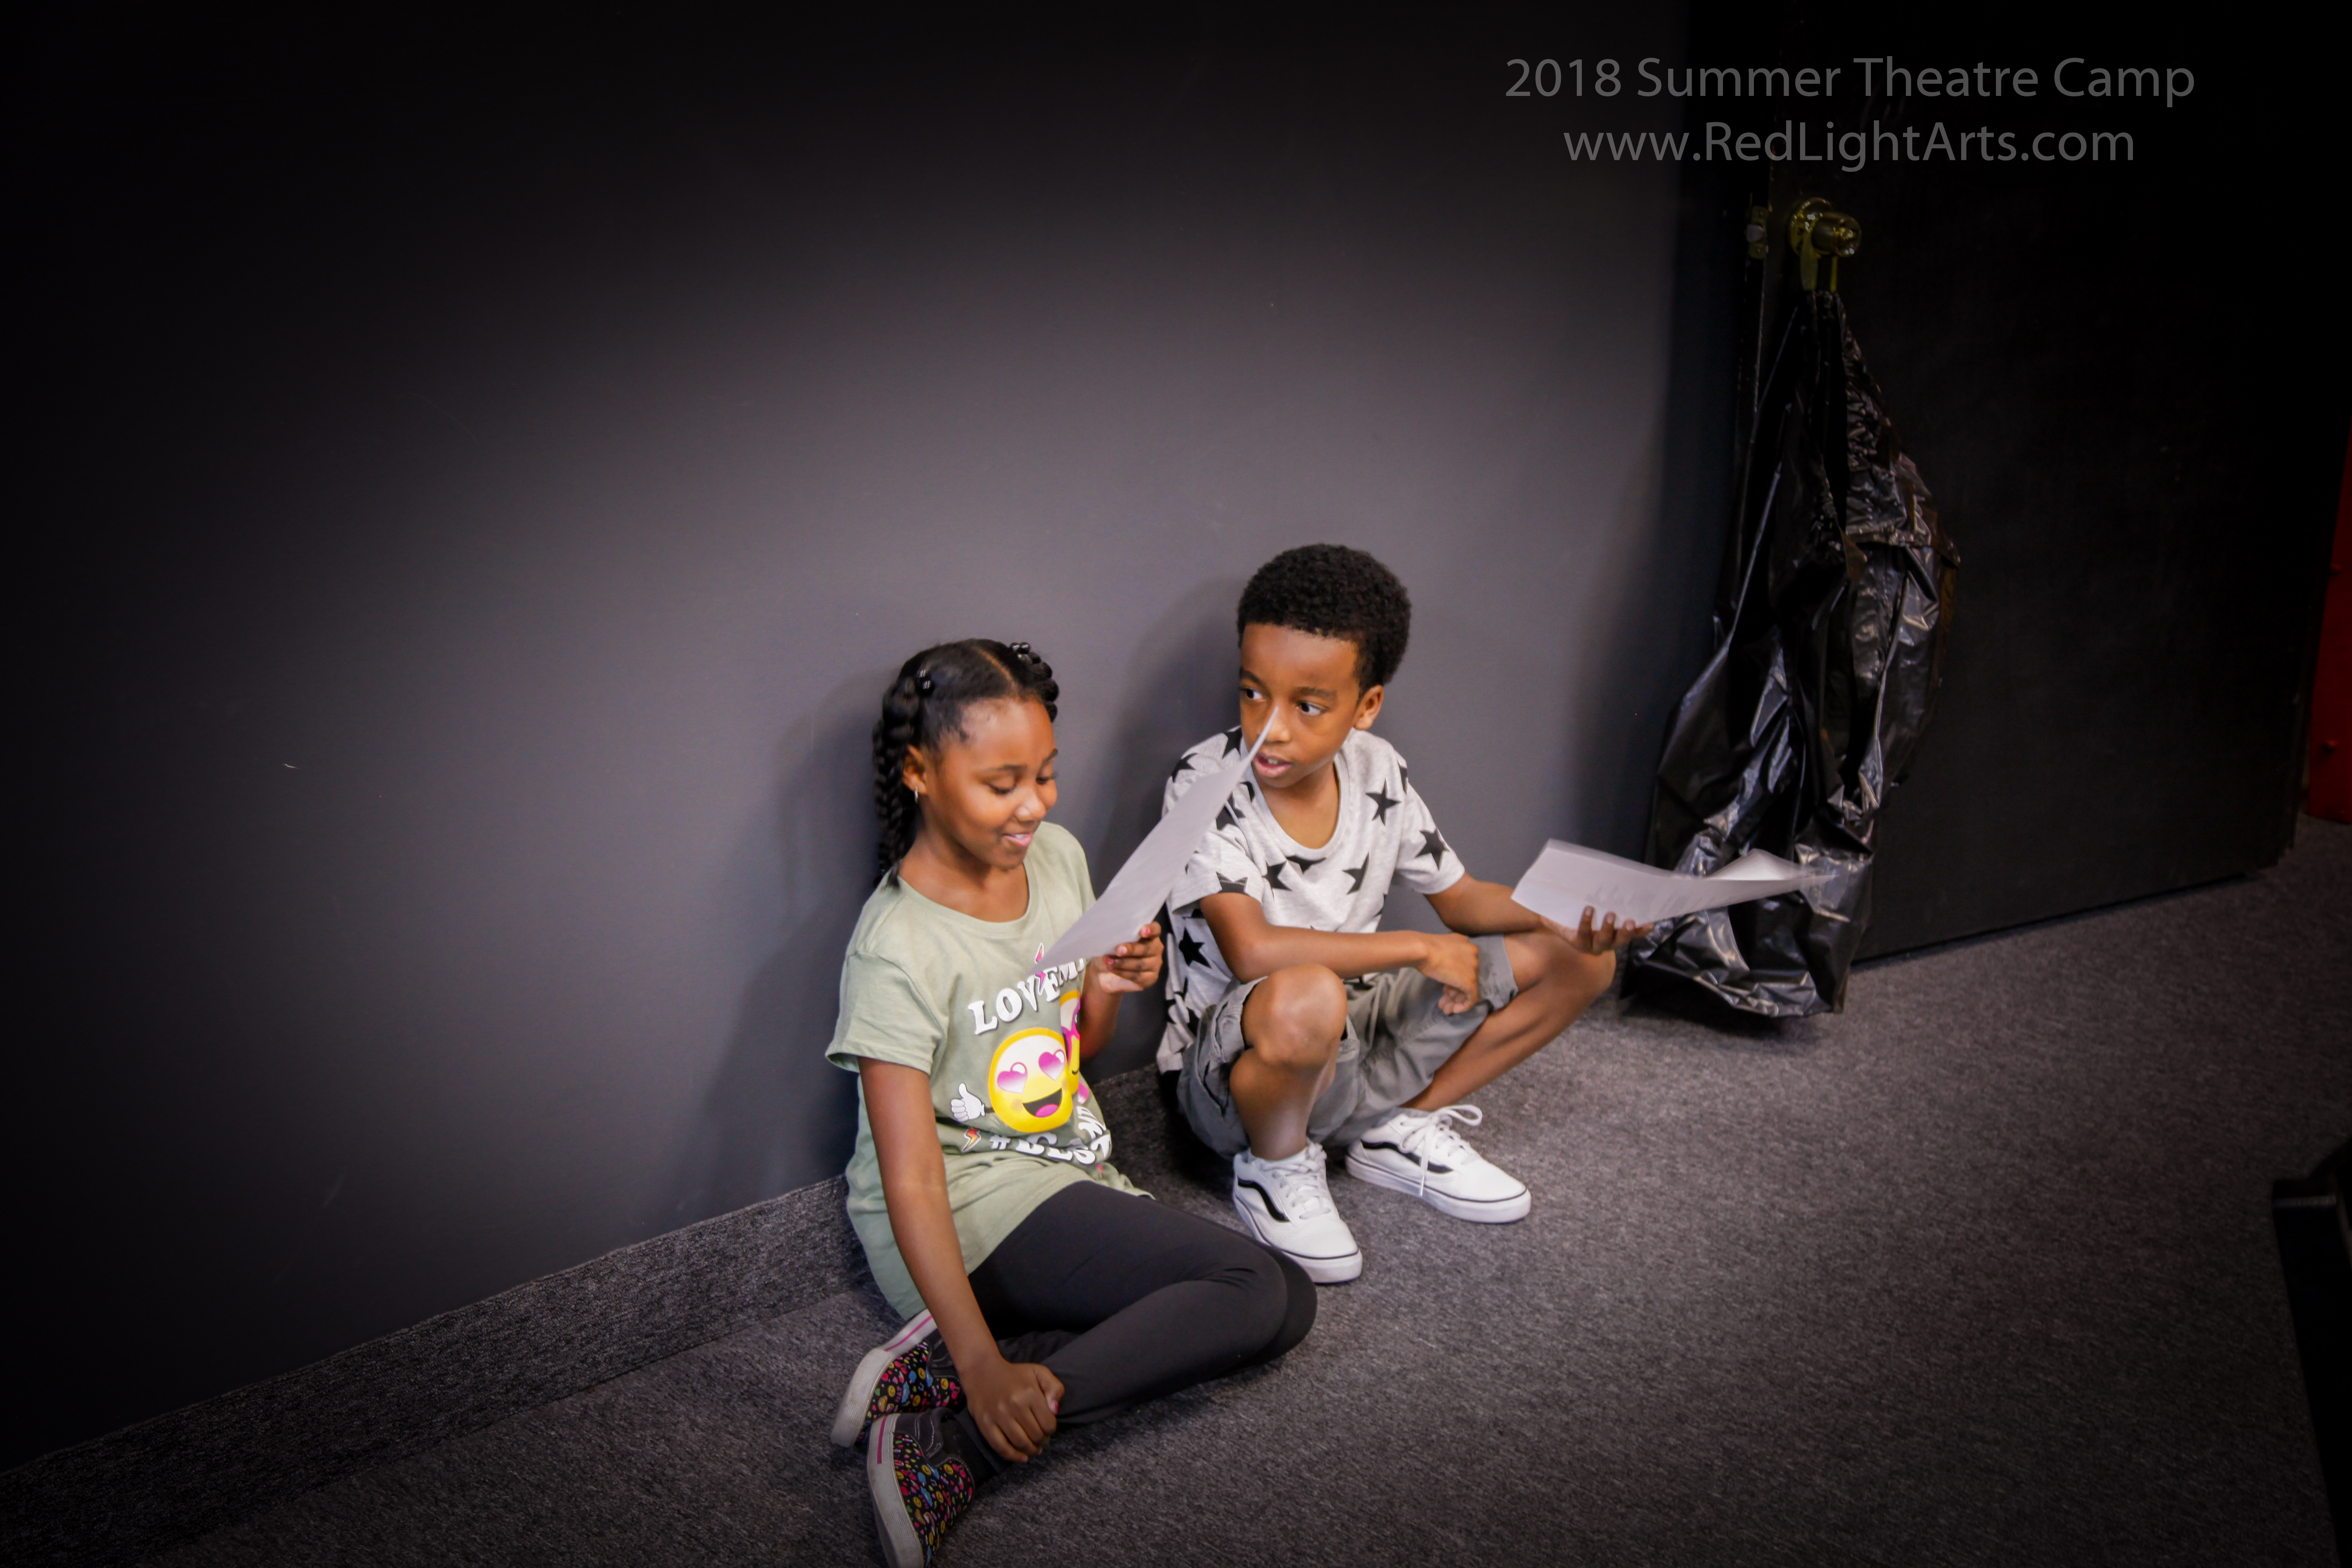 2018CampPhotos1stWeek-10